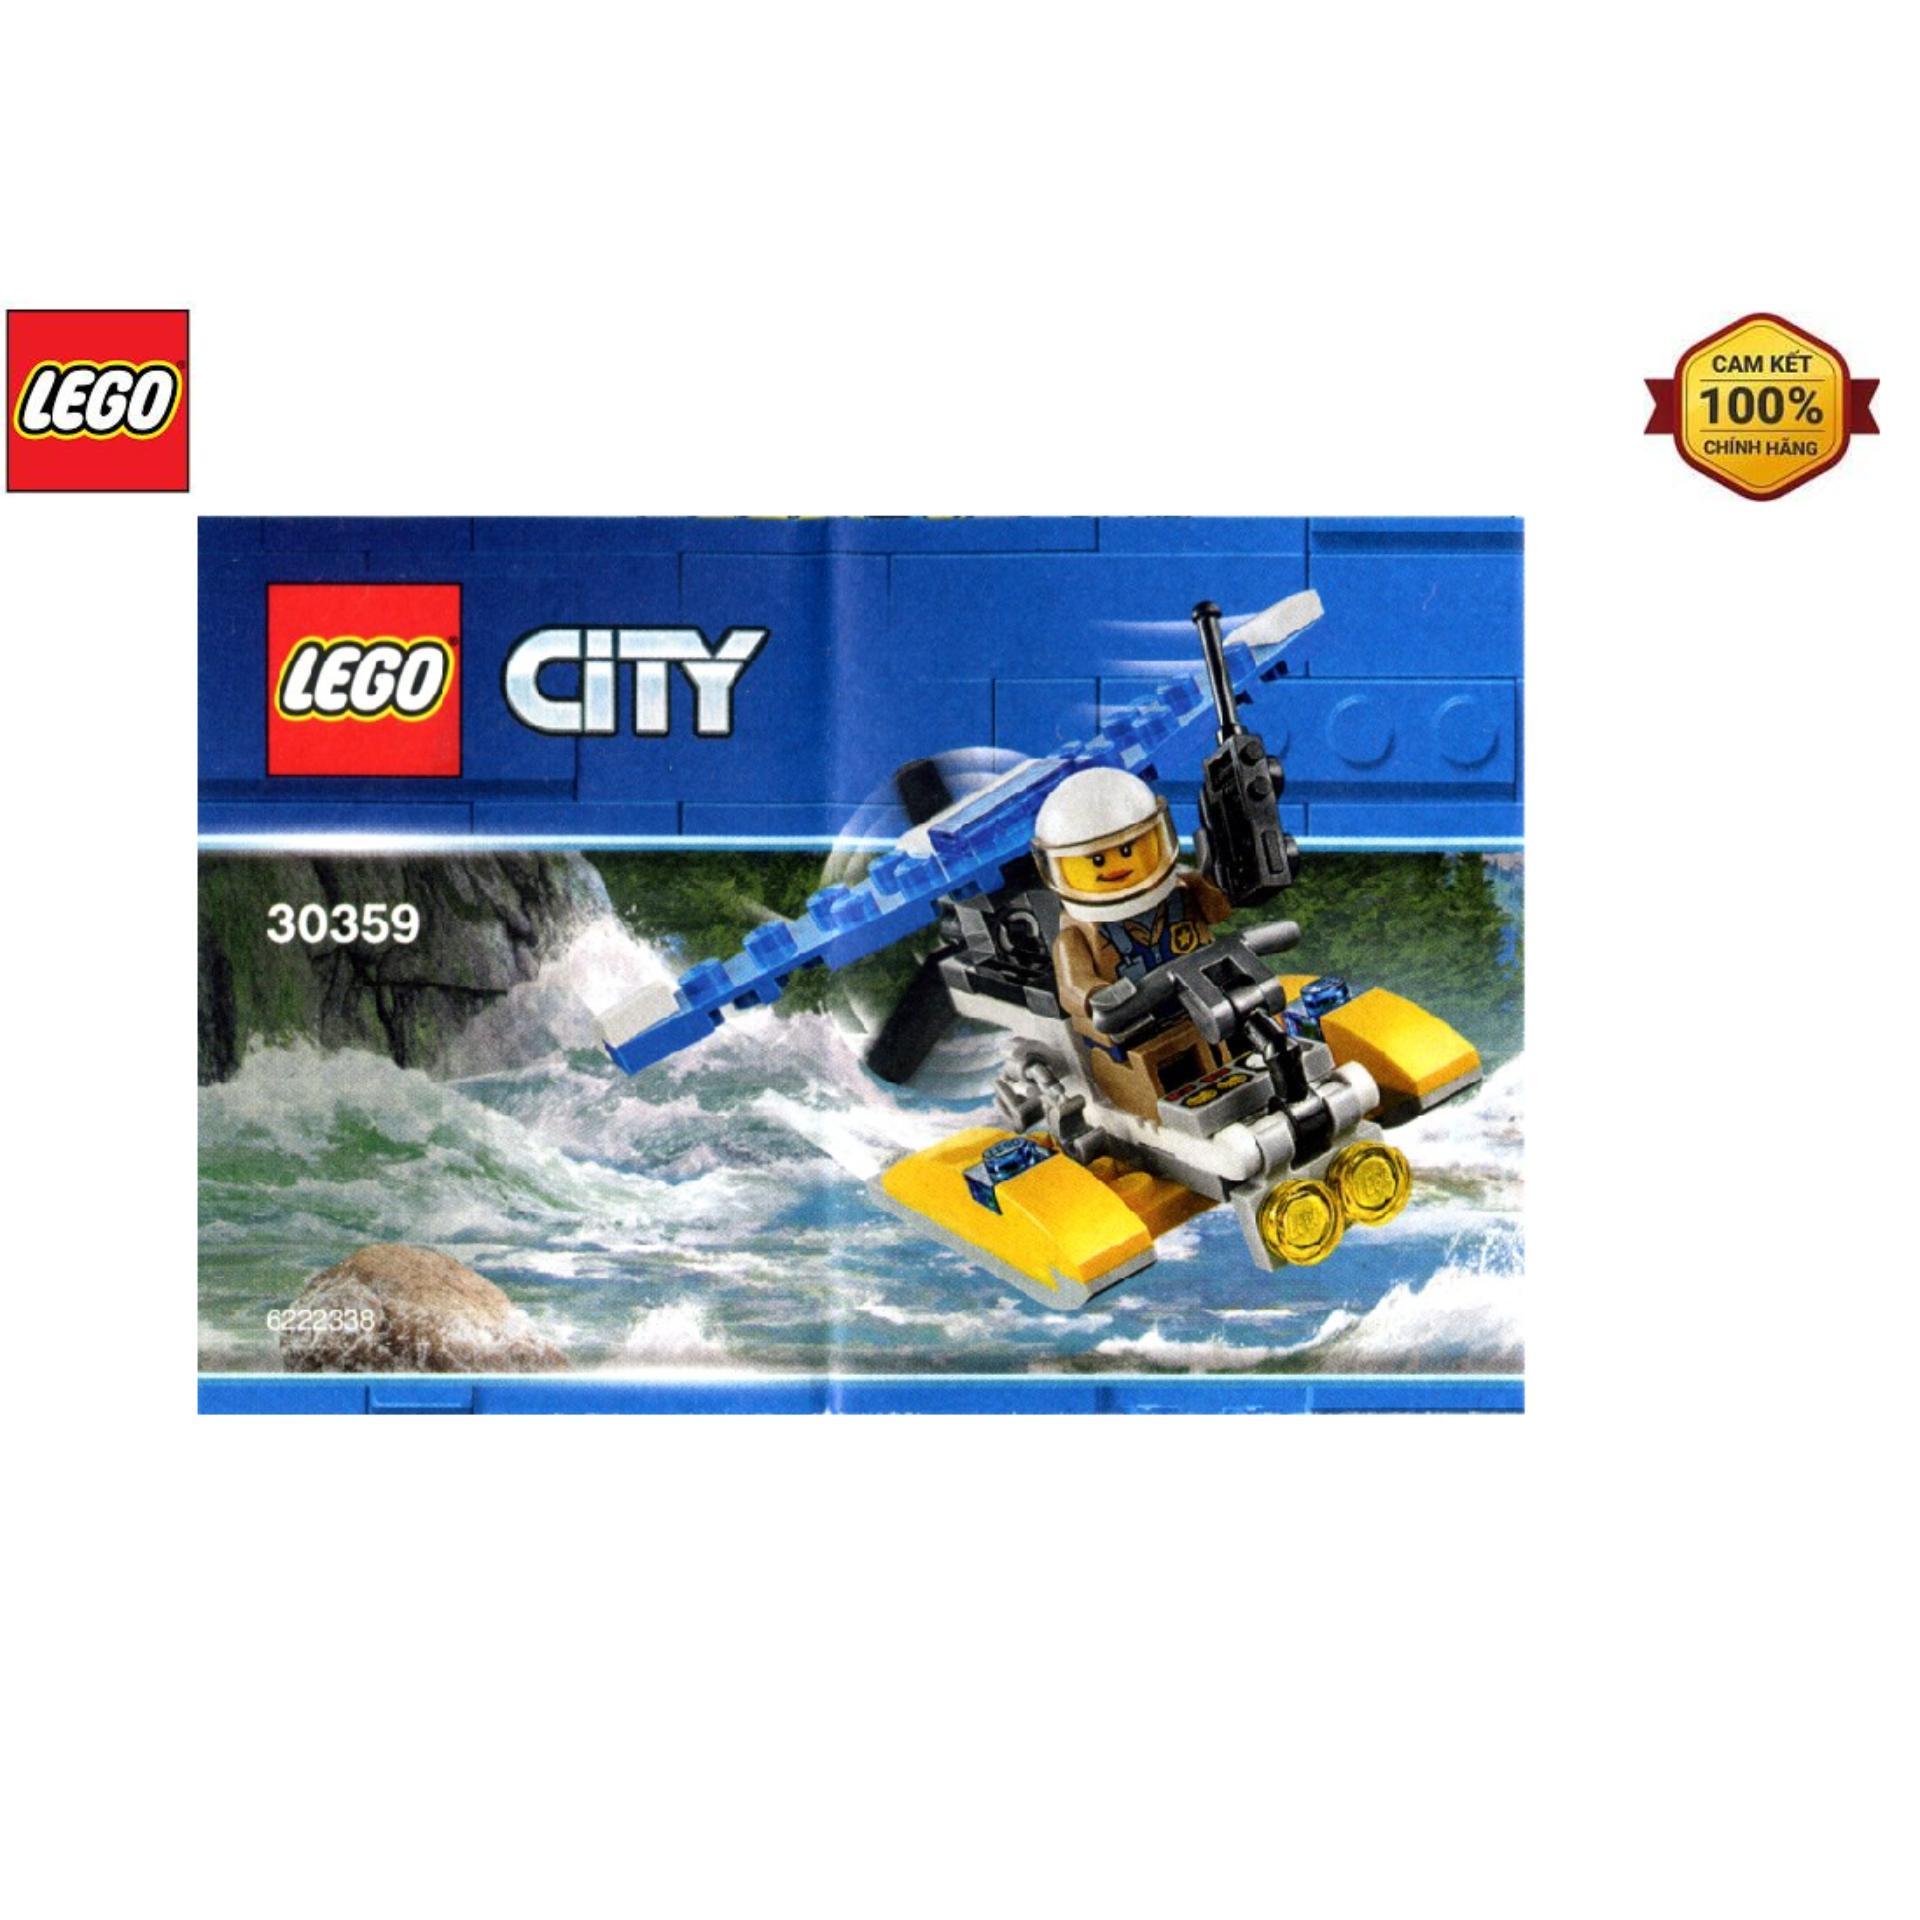 Bộ Lắp Ráp LEGO City Máy Bay Cảnh Sát Biển 30359 Đang Có Giảm Giá